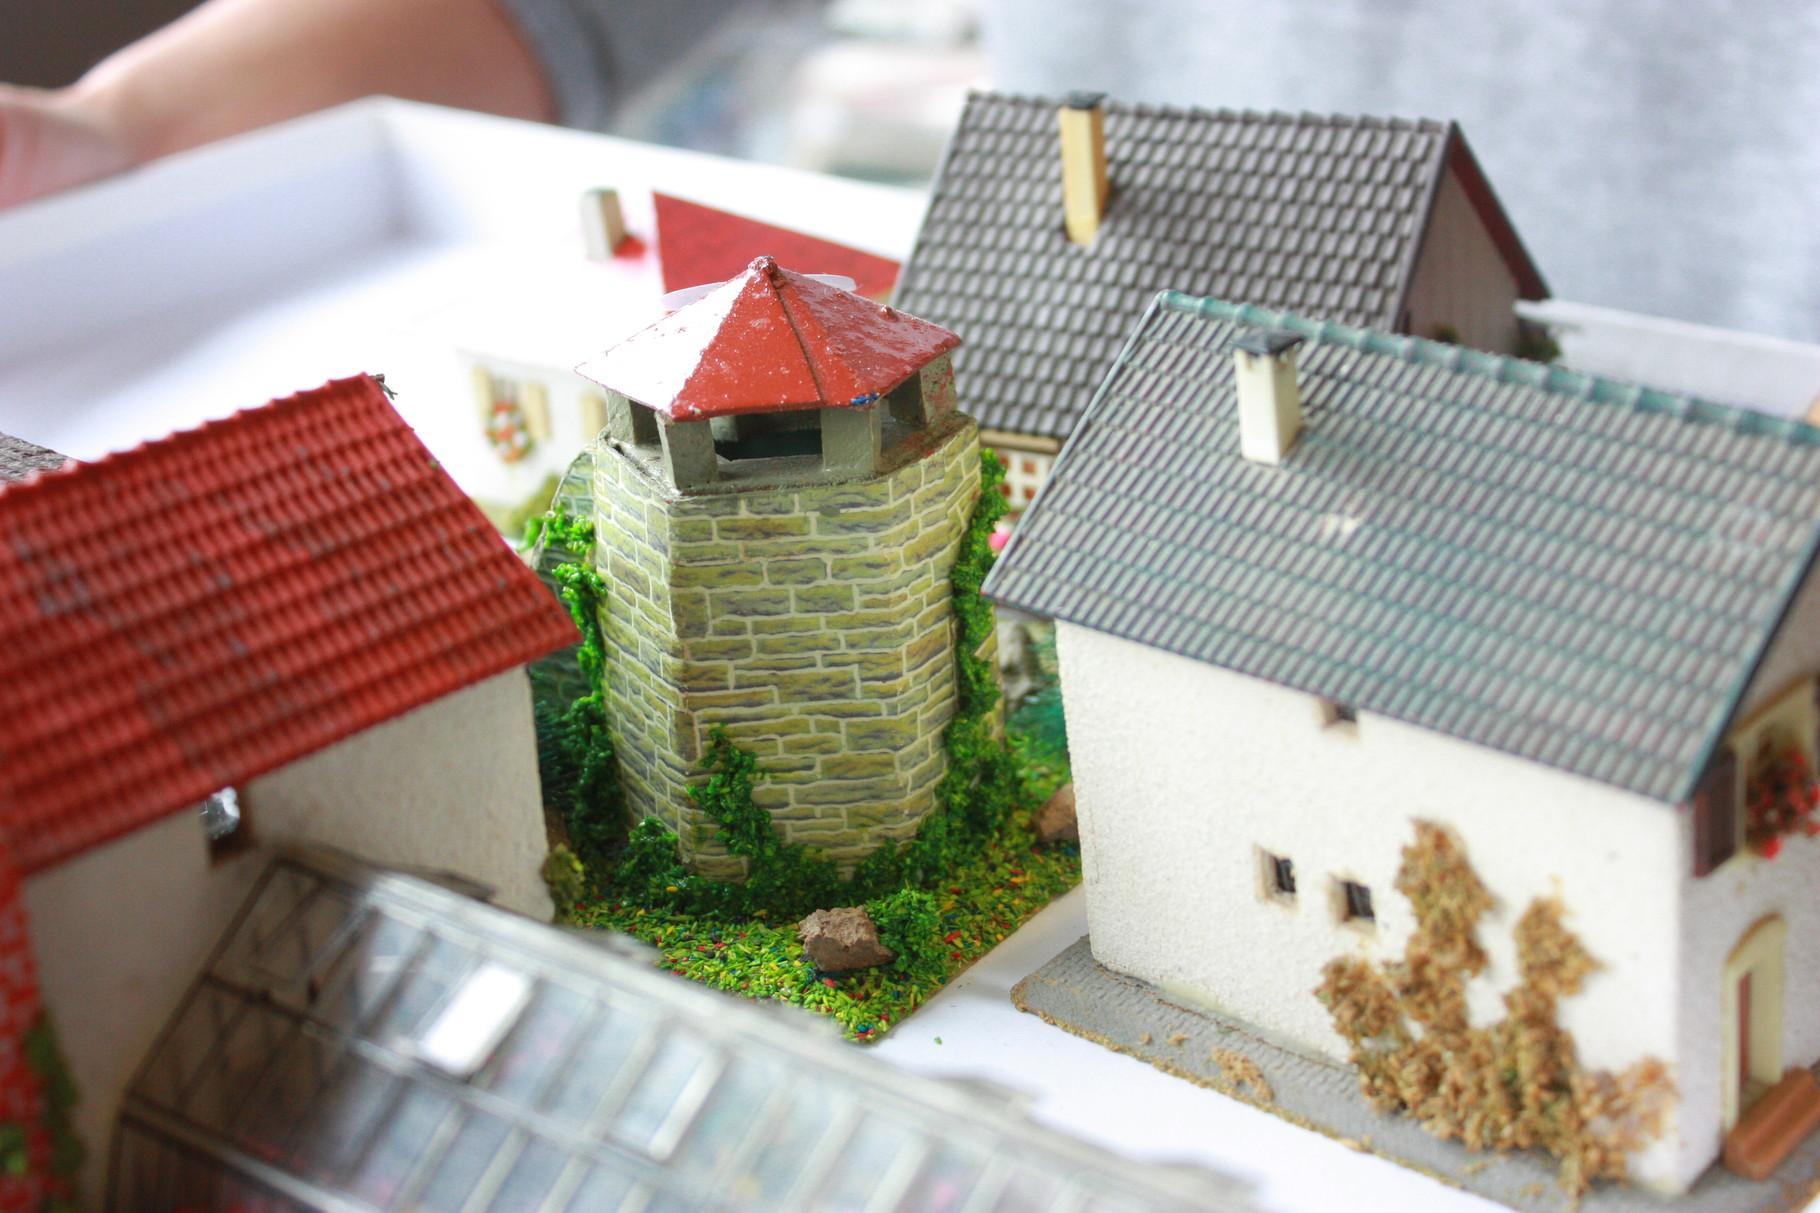 Auktionshaus Wrede Wiking-Auktionen Holzhäuser